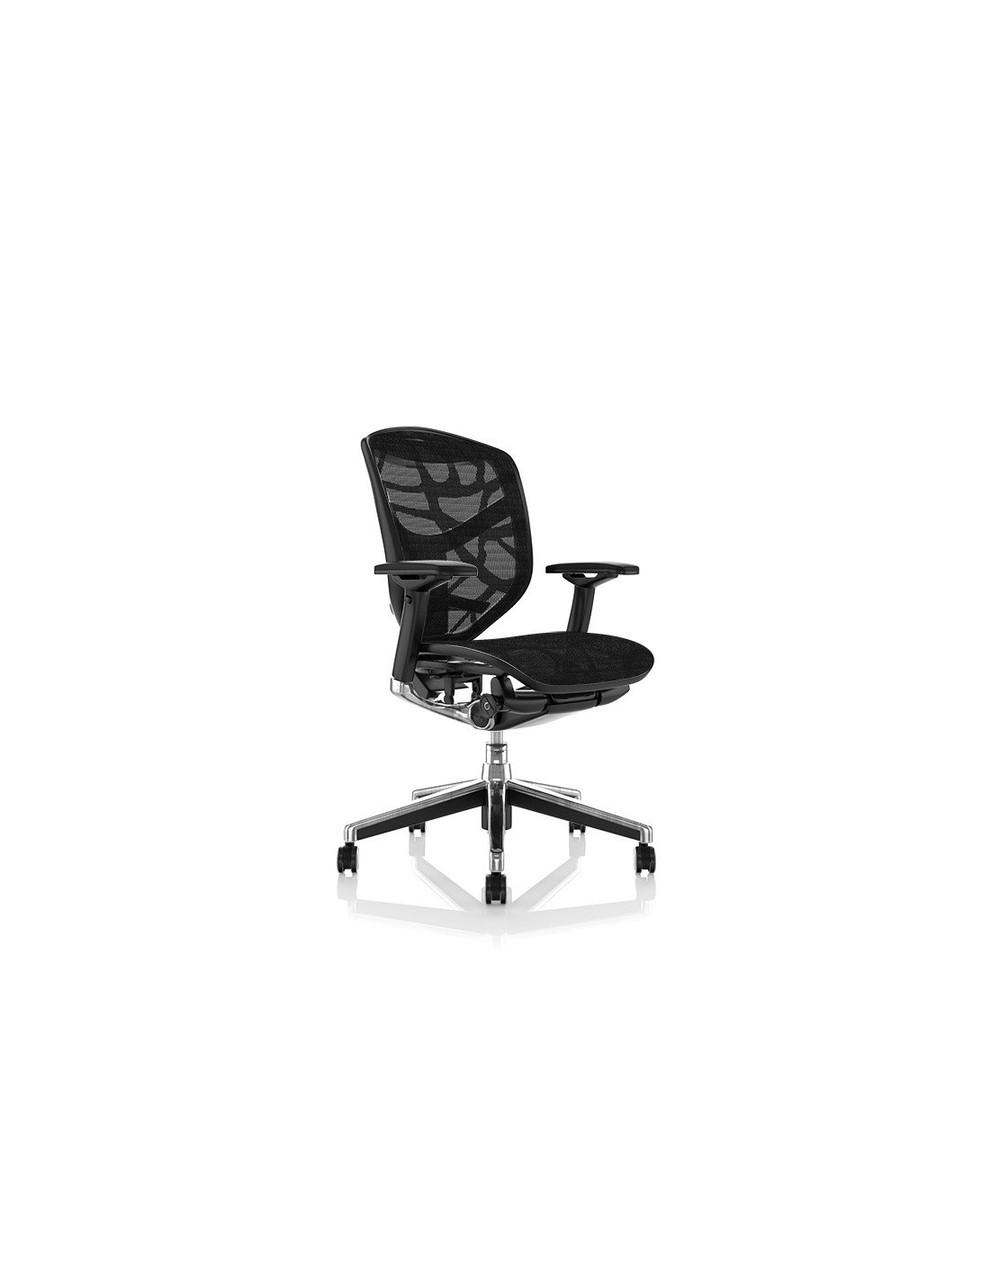 Ергономичное кресло Enjoy Project B для операторатора